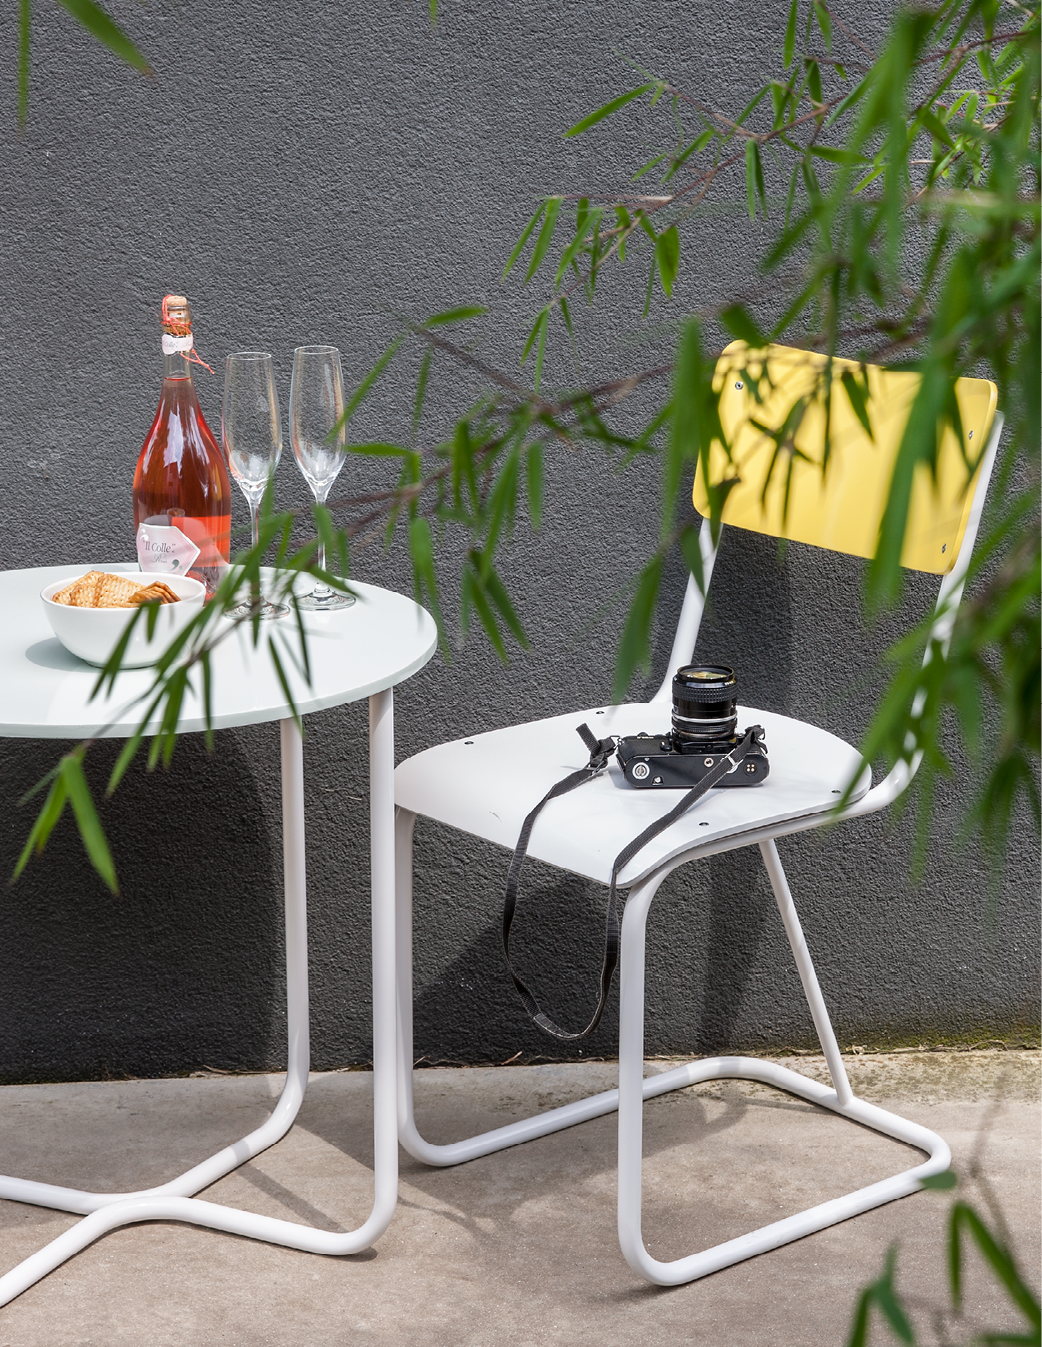 Peignez votre chaise ou table de jardin